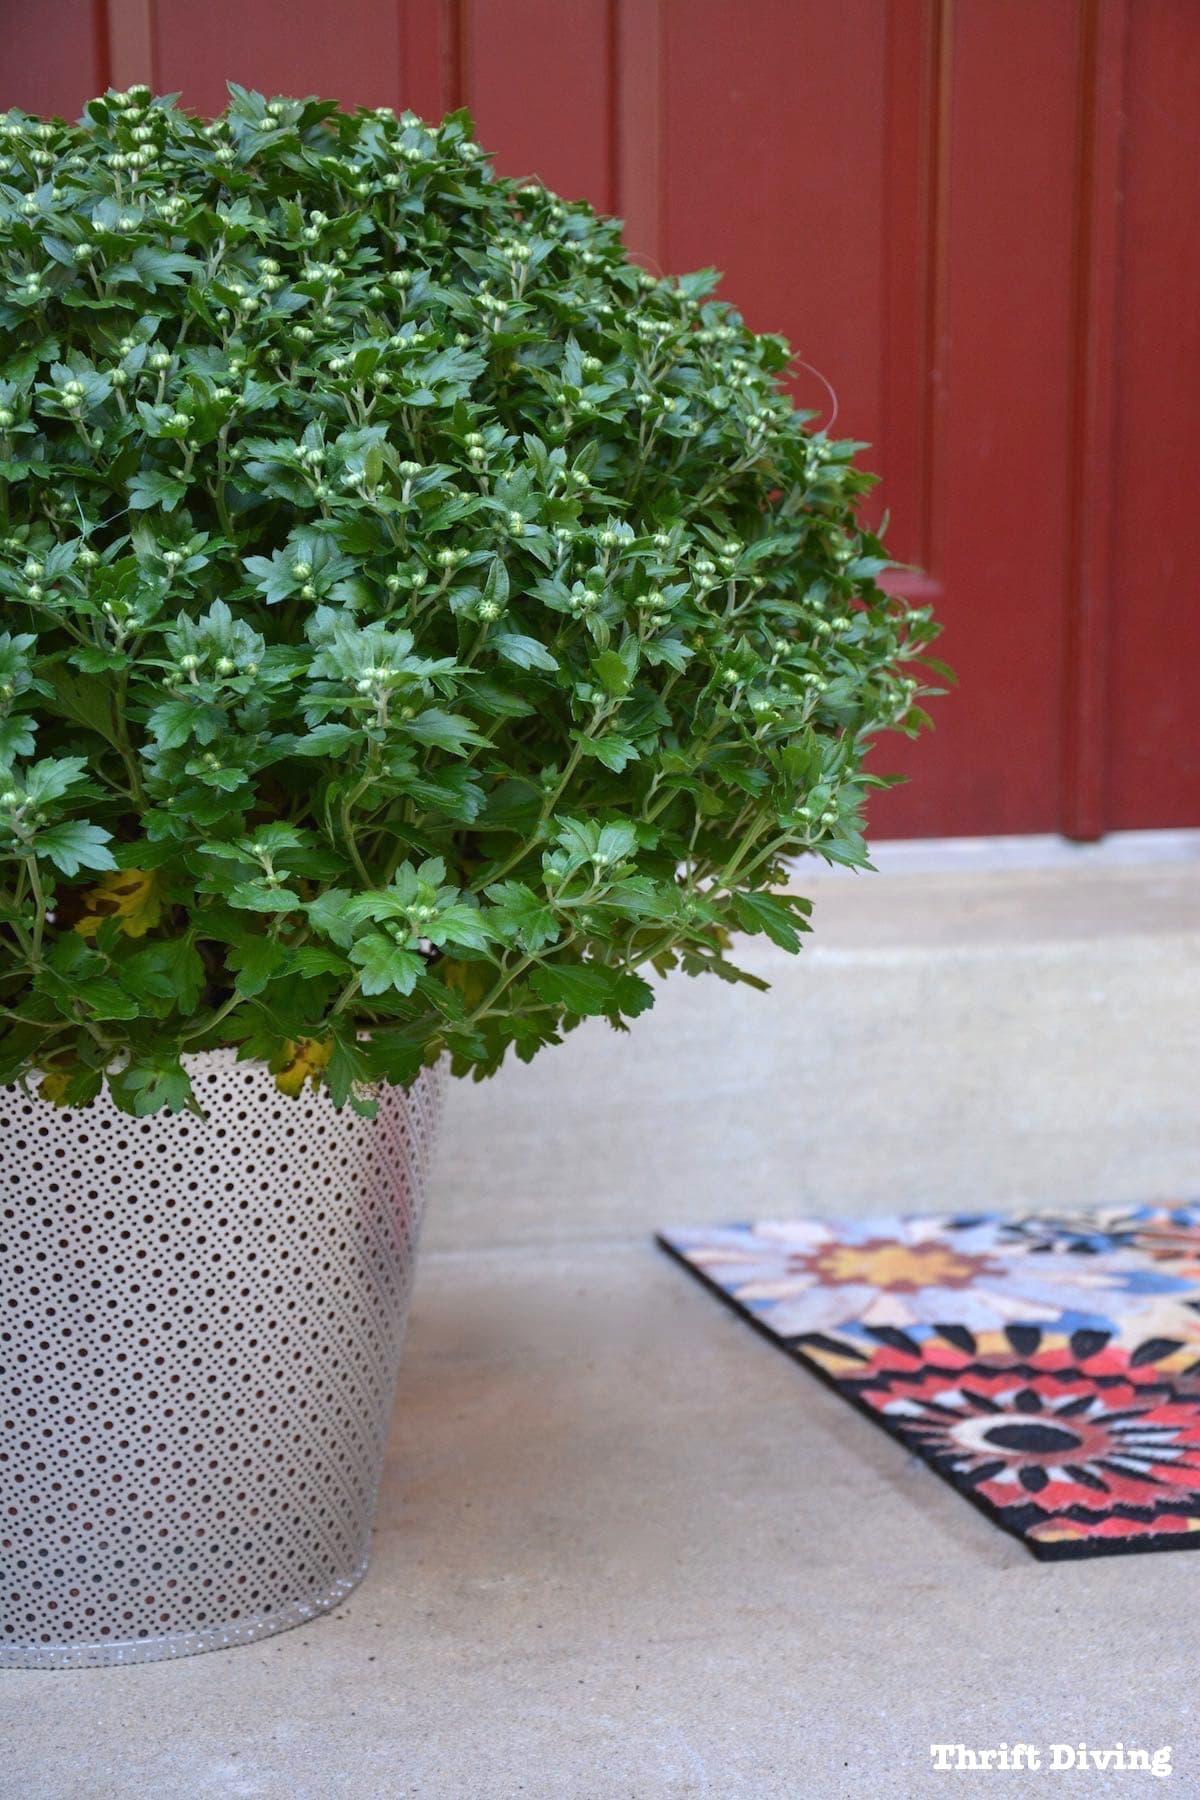 Snazzy Faces Garden Arch Planters Diy Metal Garden Planters How To Make Your Own Diy Garden Planters From Metal Garden Planters garden Garden With Planters